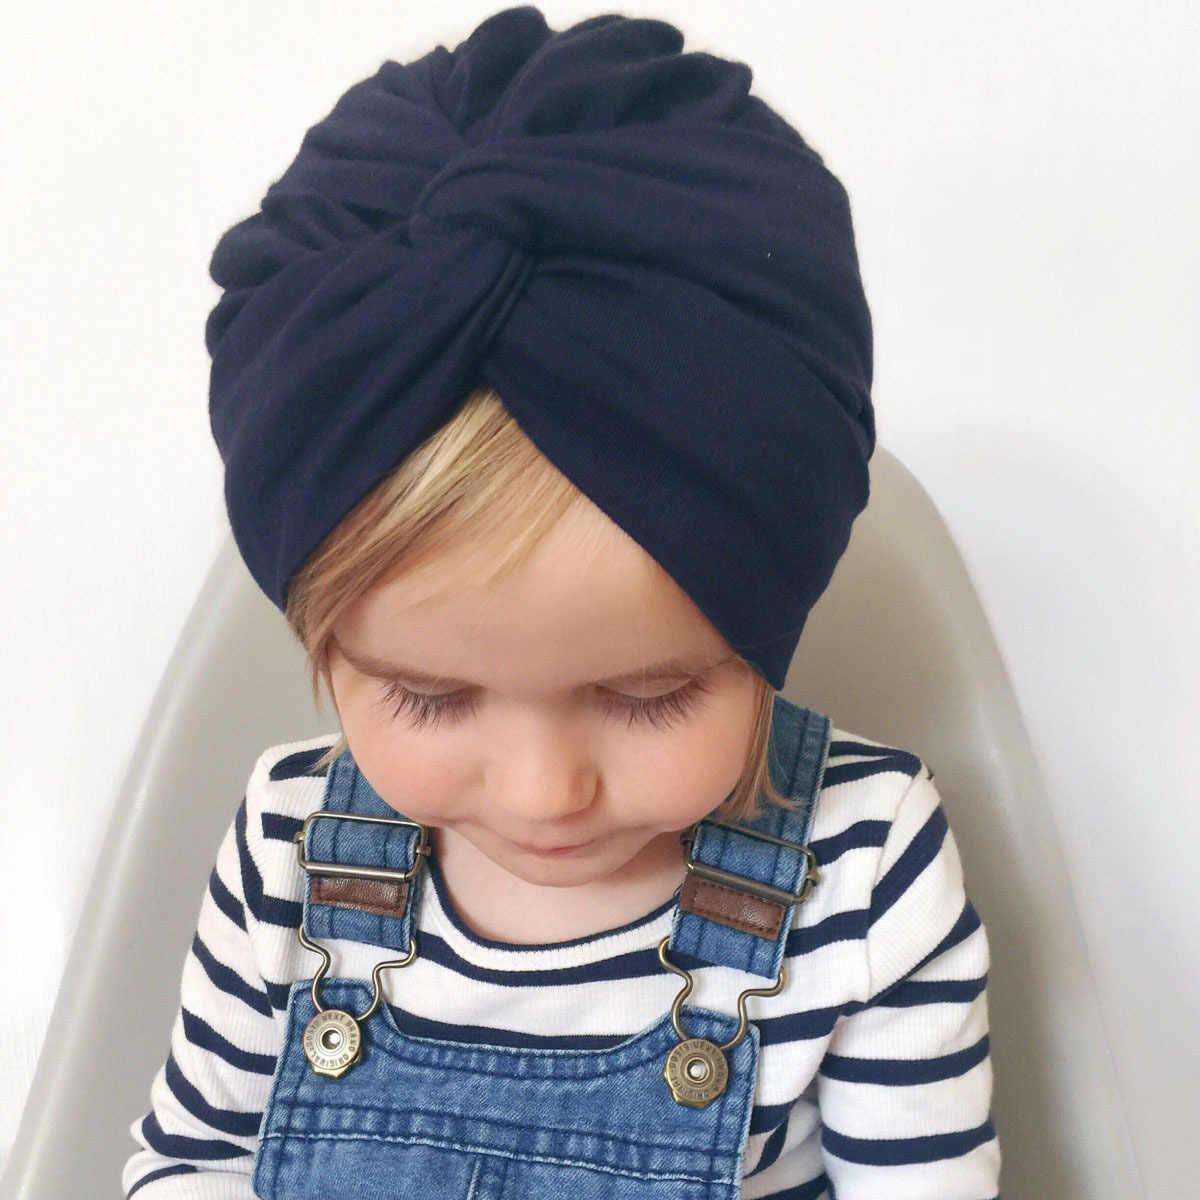 תינוק כובע ילדה חדש עוצב ילדי כובע כותנה רך טורבן תינוק כובעי קשר ילדה חורף כובע בוהמי סגנון ילדים יילוד כובע